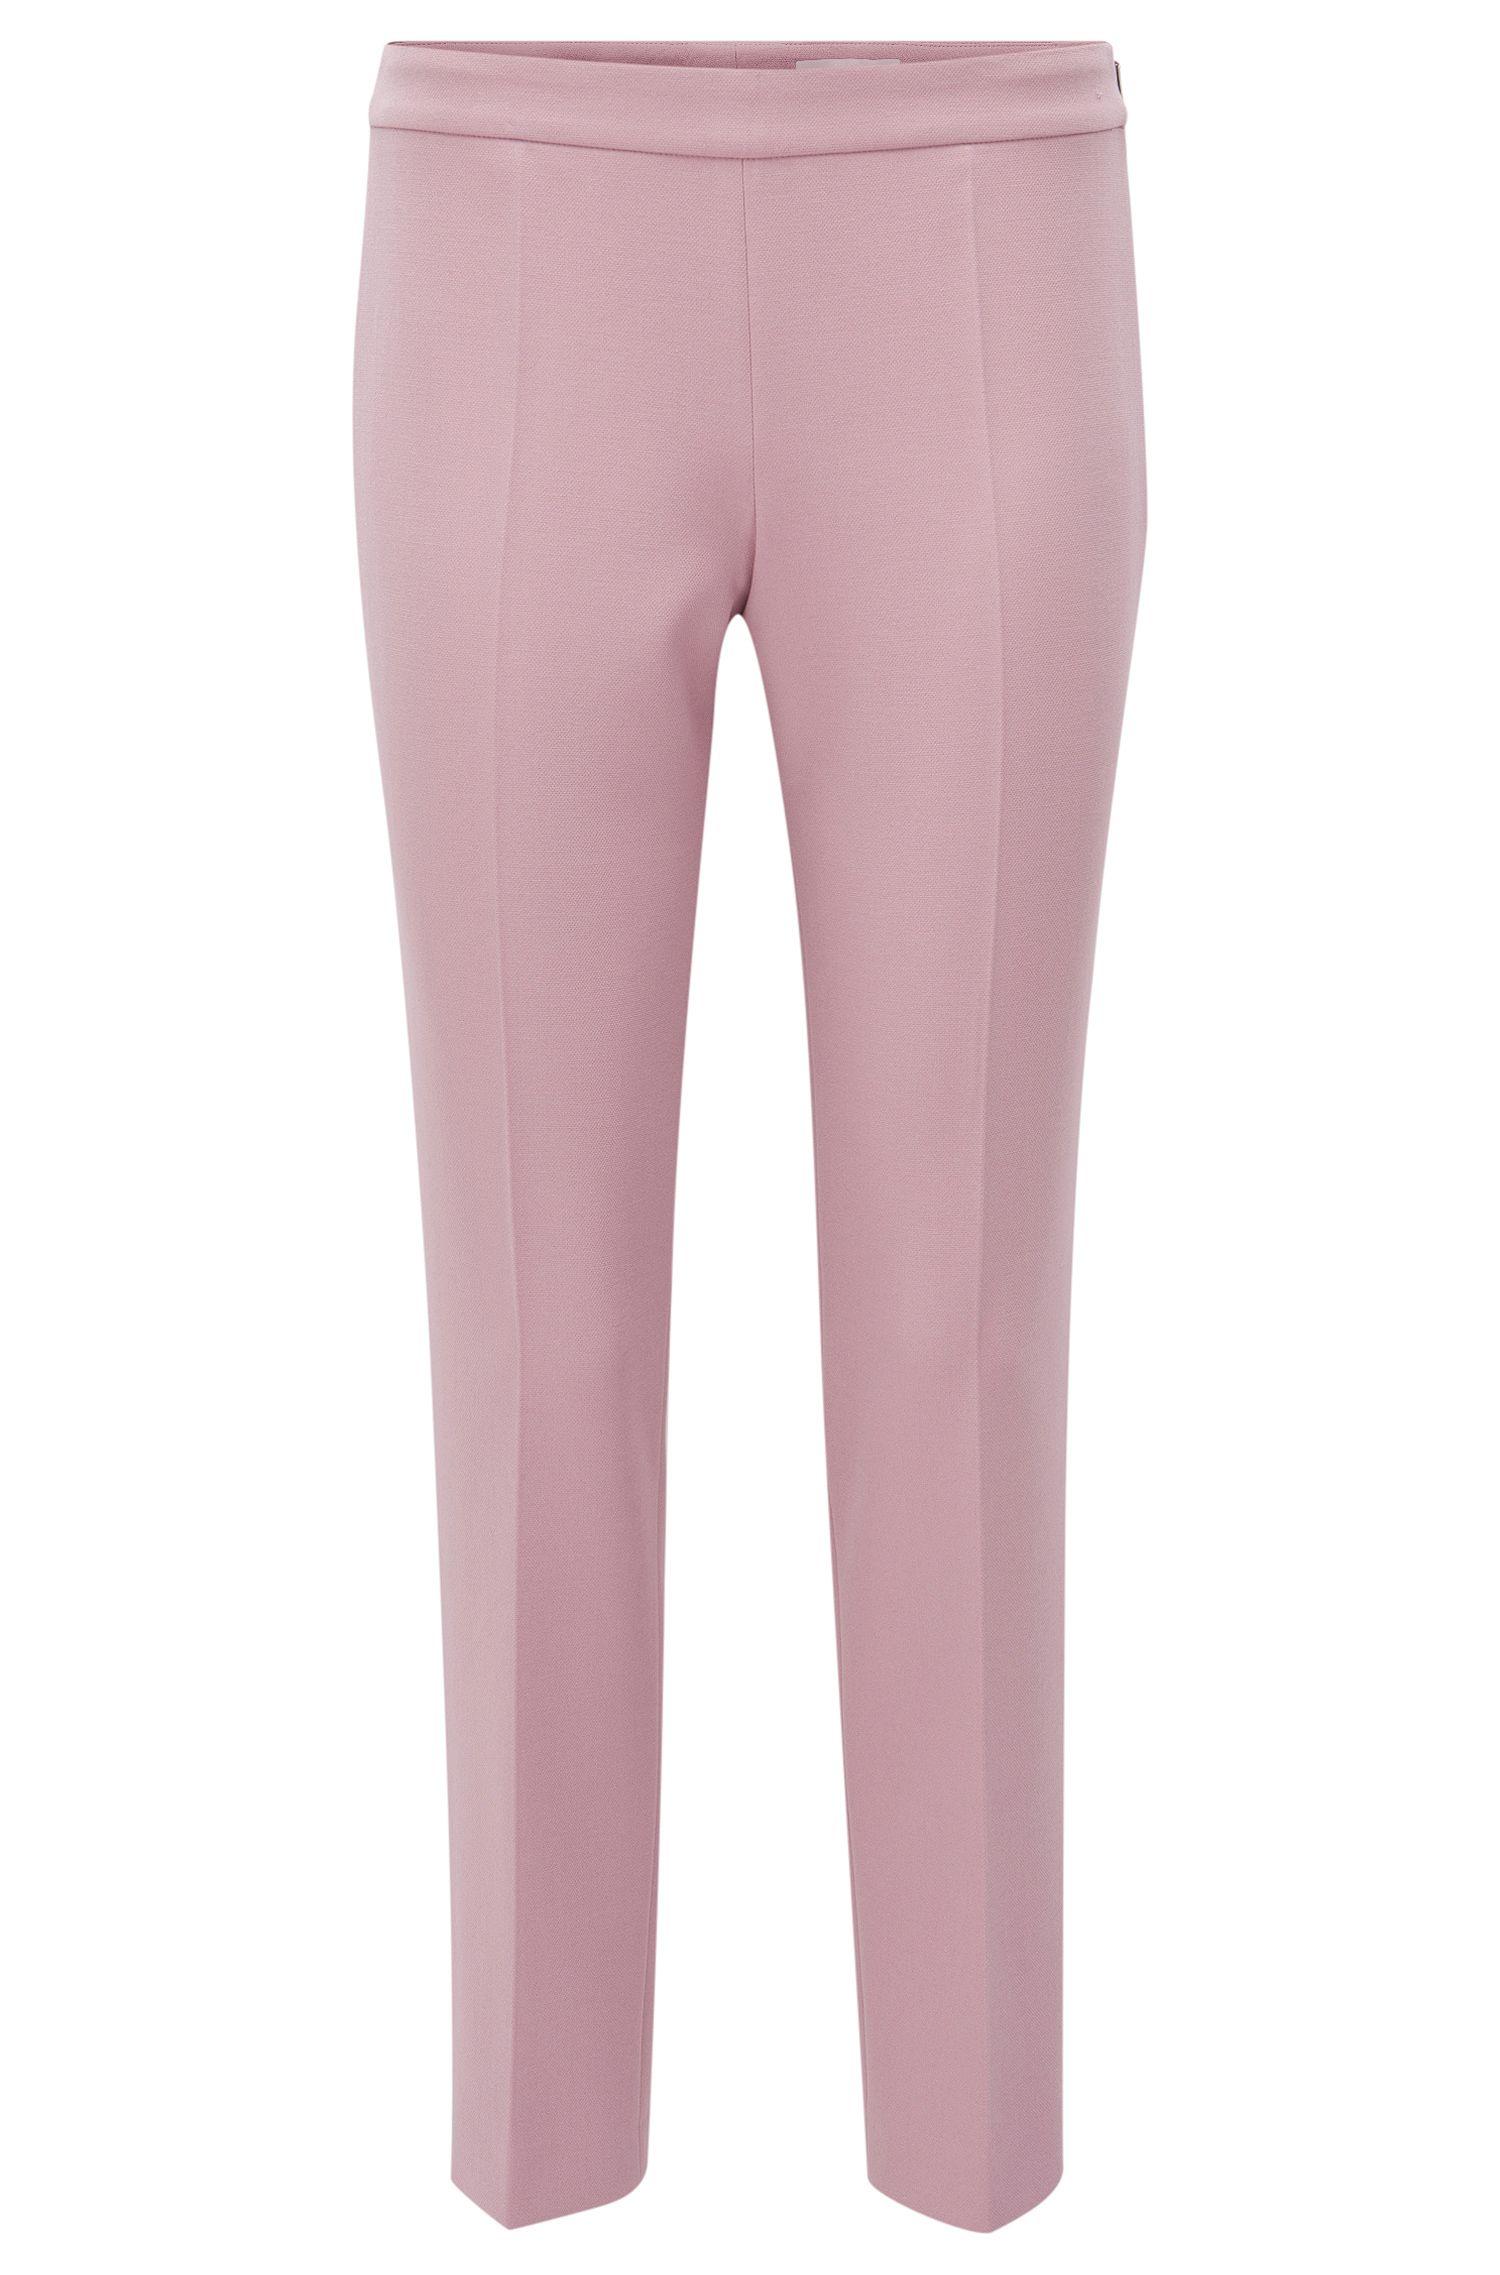 Pantalón regular fit en tejido elástico